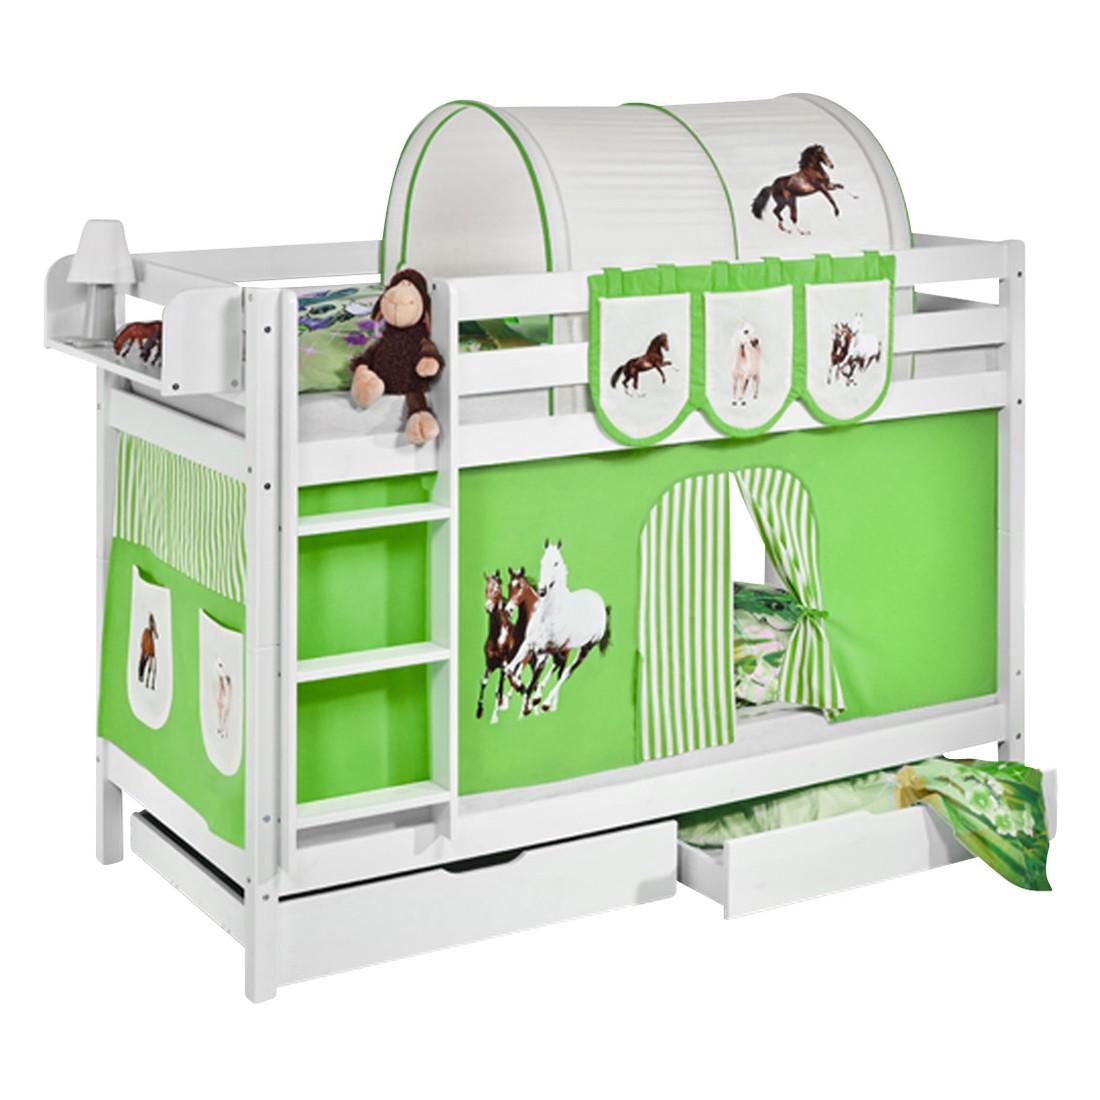 home24 Etagenbett JELLE Pferde Gruen | Kinderzimmer > Kinderbetten | Weiss | Massivholz | Lilokids